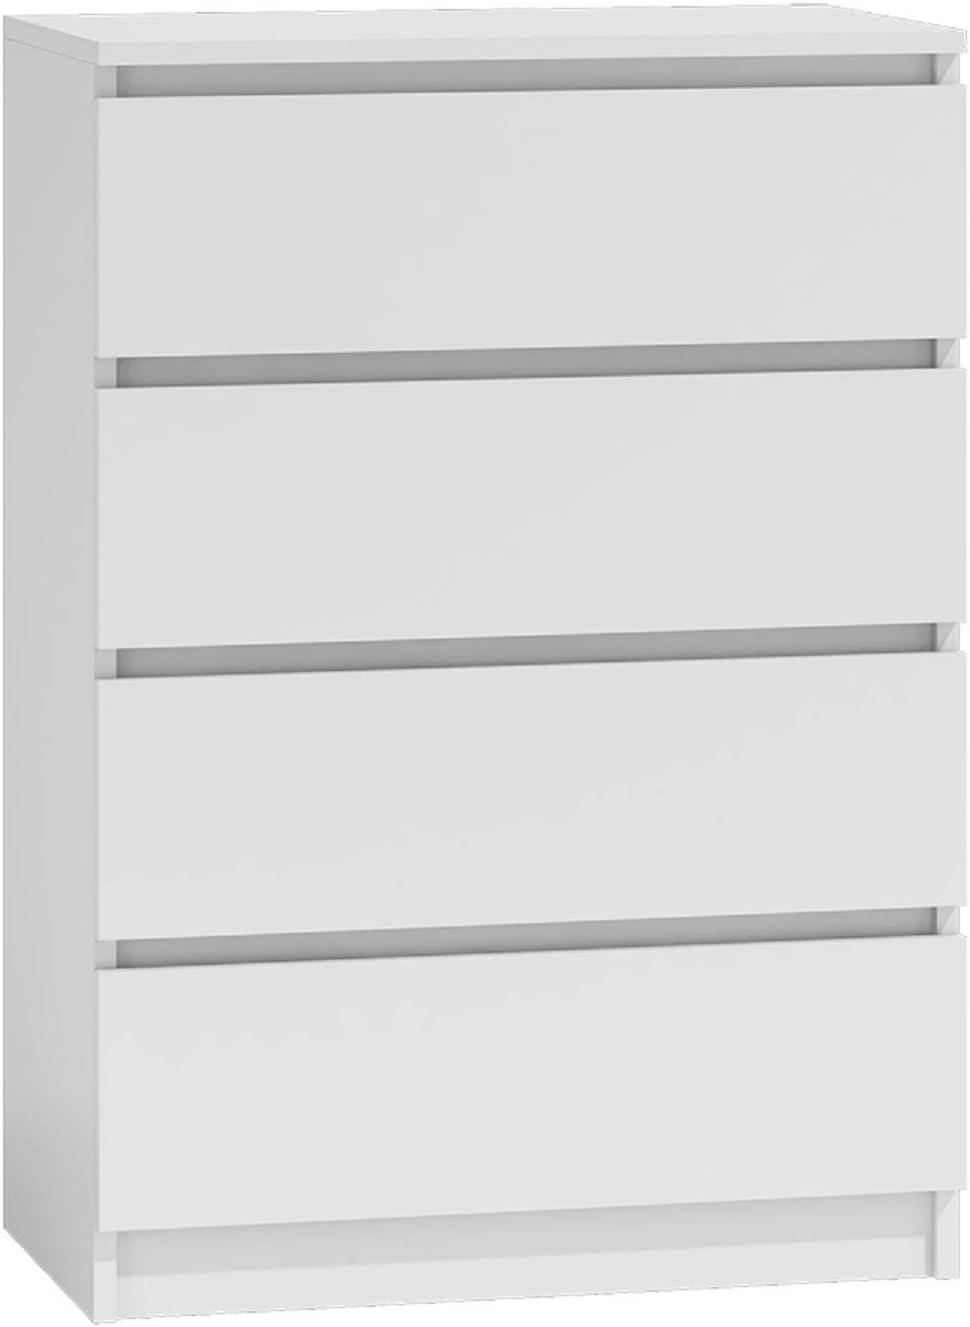 NOXEN Kommode M4 70 weiß, Schlafzimmermöbel, Schrank, vier Schubladen, Nachttisch, Schrank für Zuhause, Wohnzimmer, Flur (weiß)